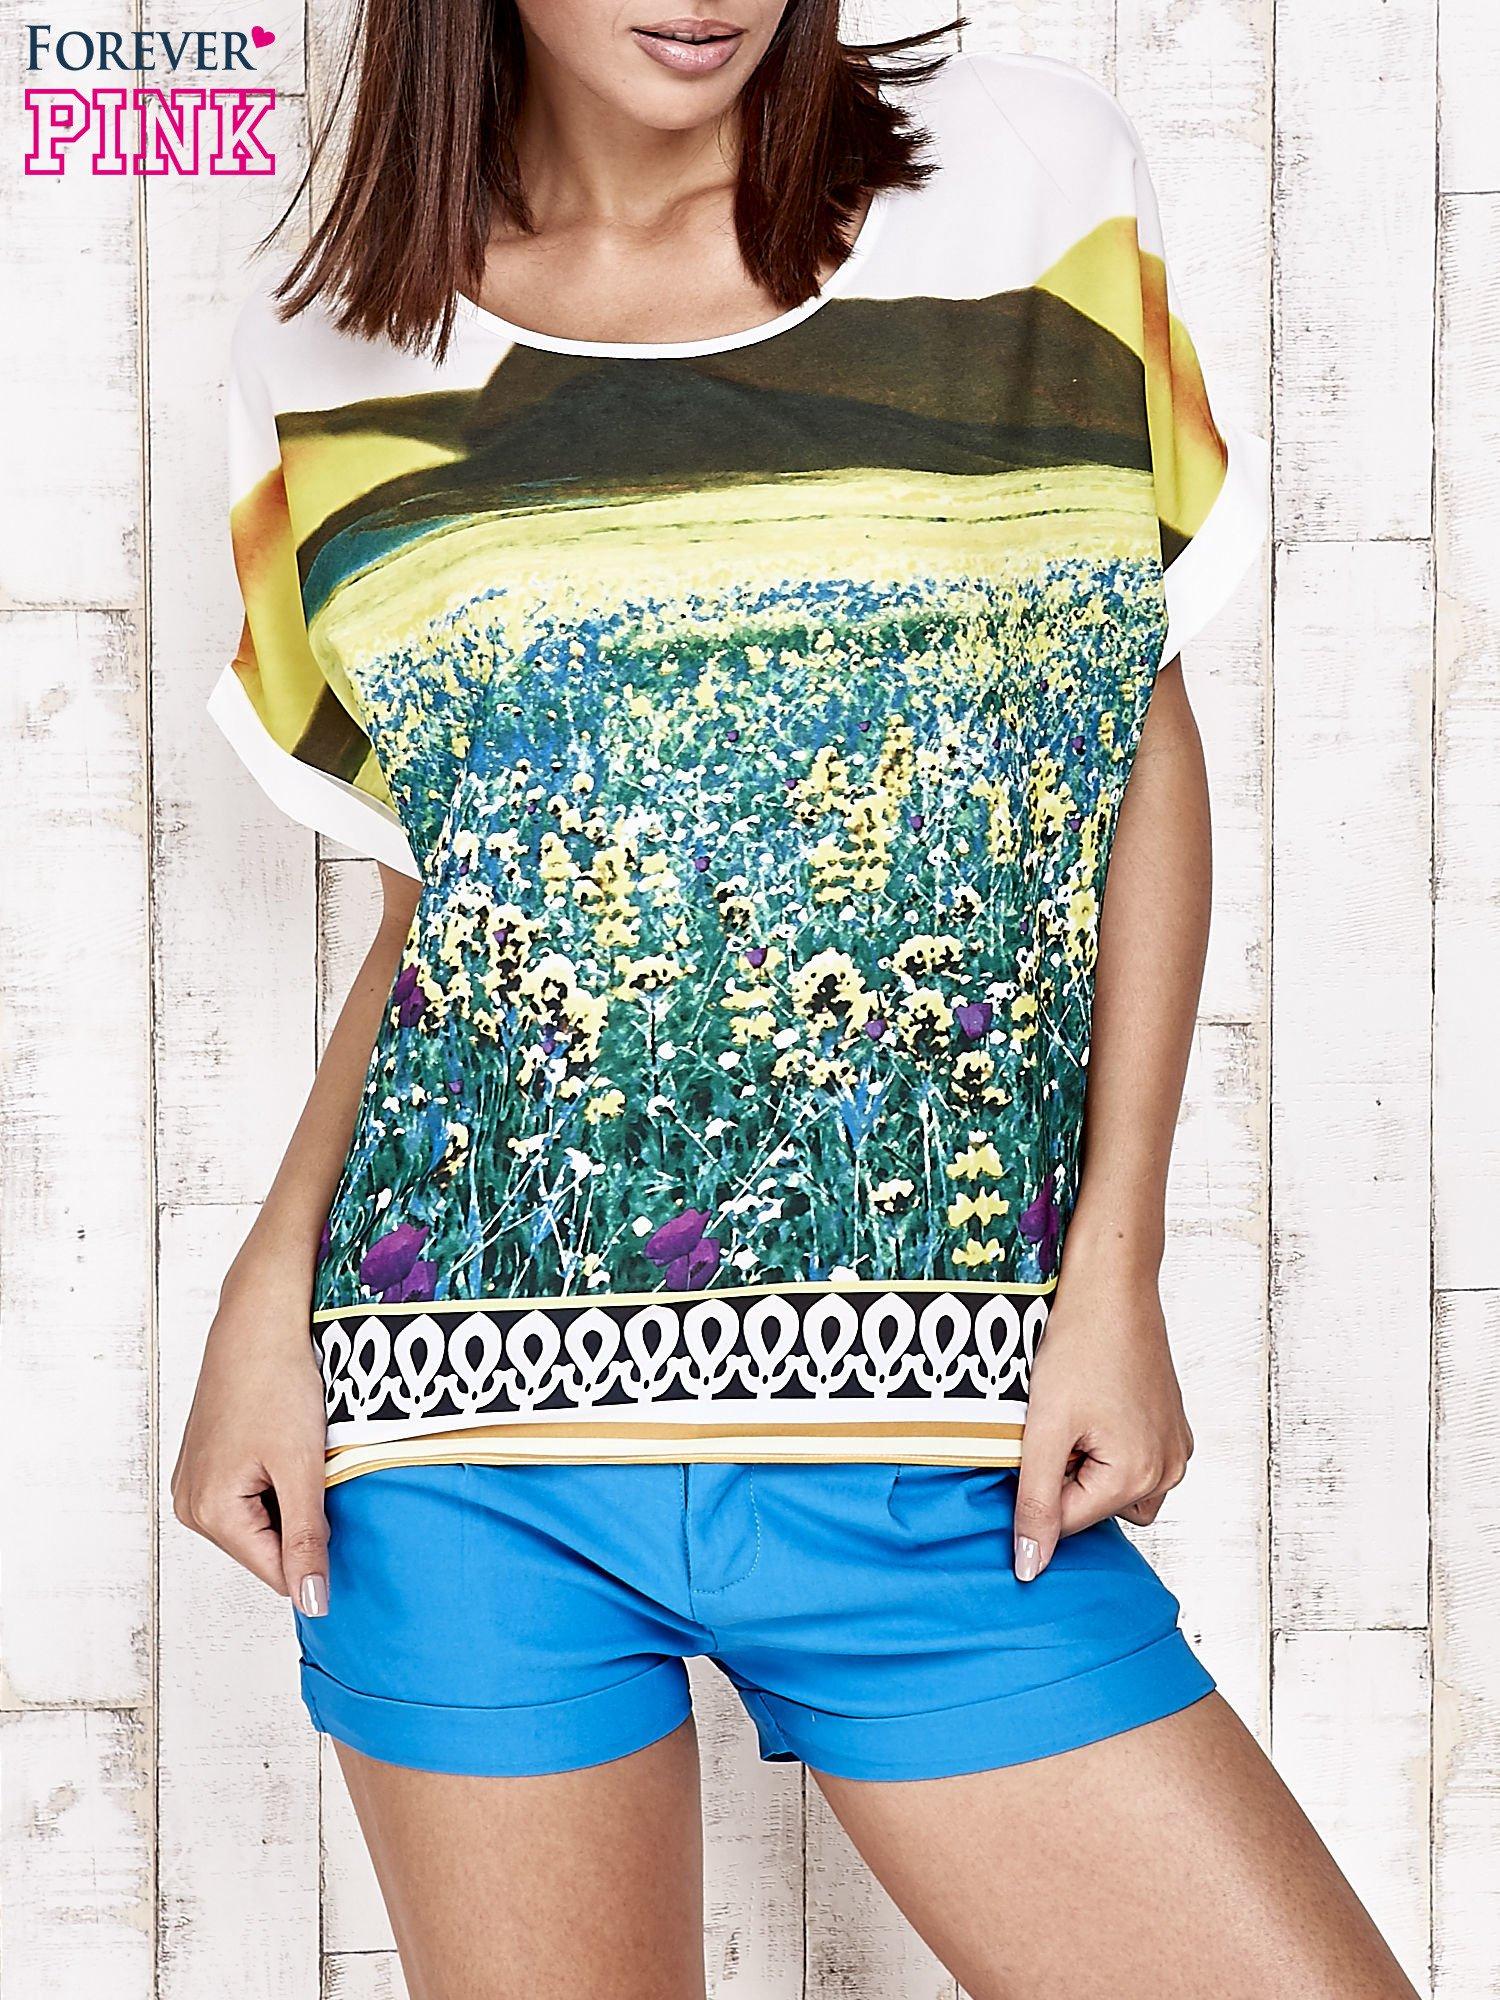 Żółta bluzka koszulowa z nadrukiem łąki                                   zdj.                                  1